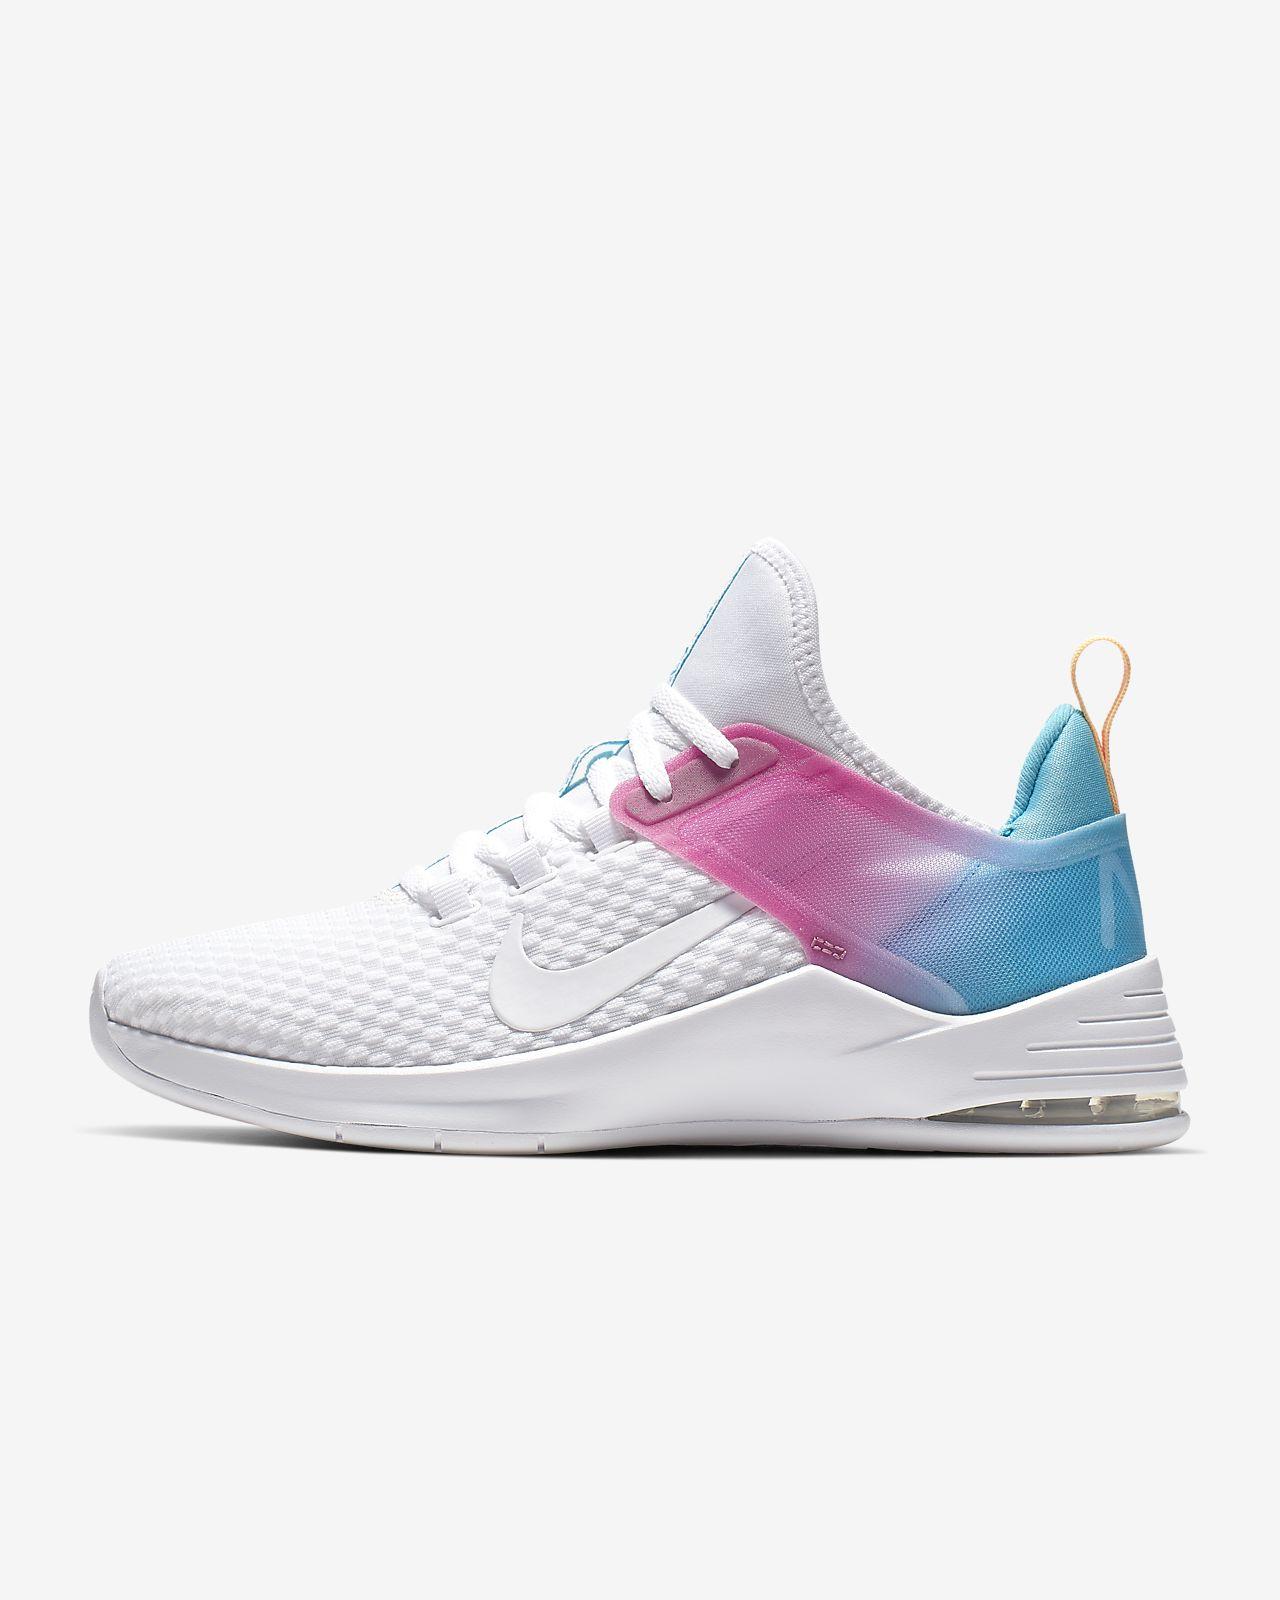 pretty nice 20bc7 bf6a8 ... Calzado de entrenamiento para mujer Nike Air Max Bella TR 2